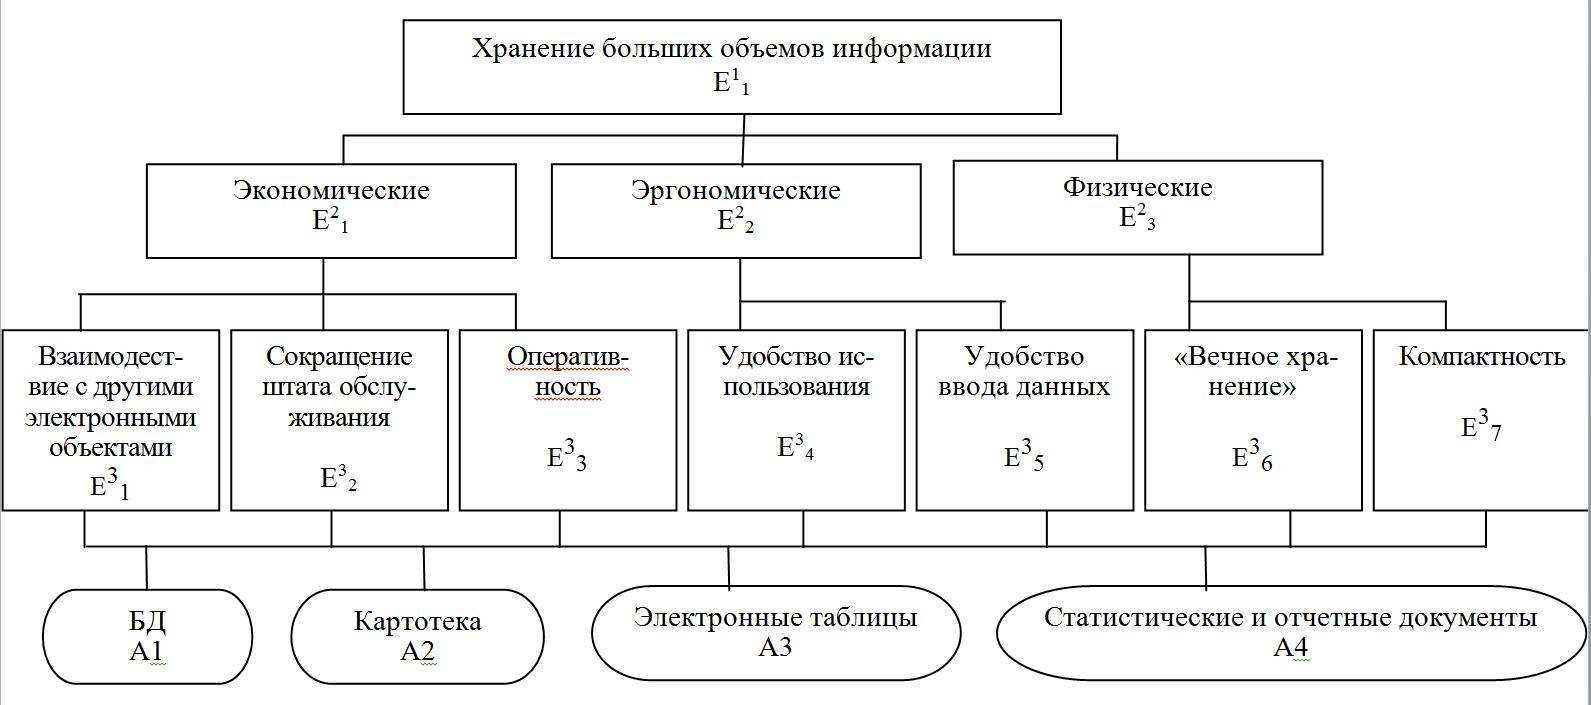 Критерии решения задачи методом анализа иерархий